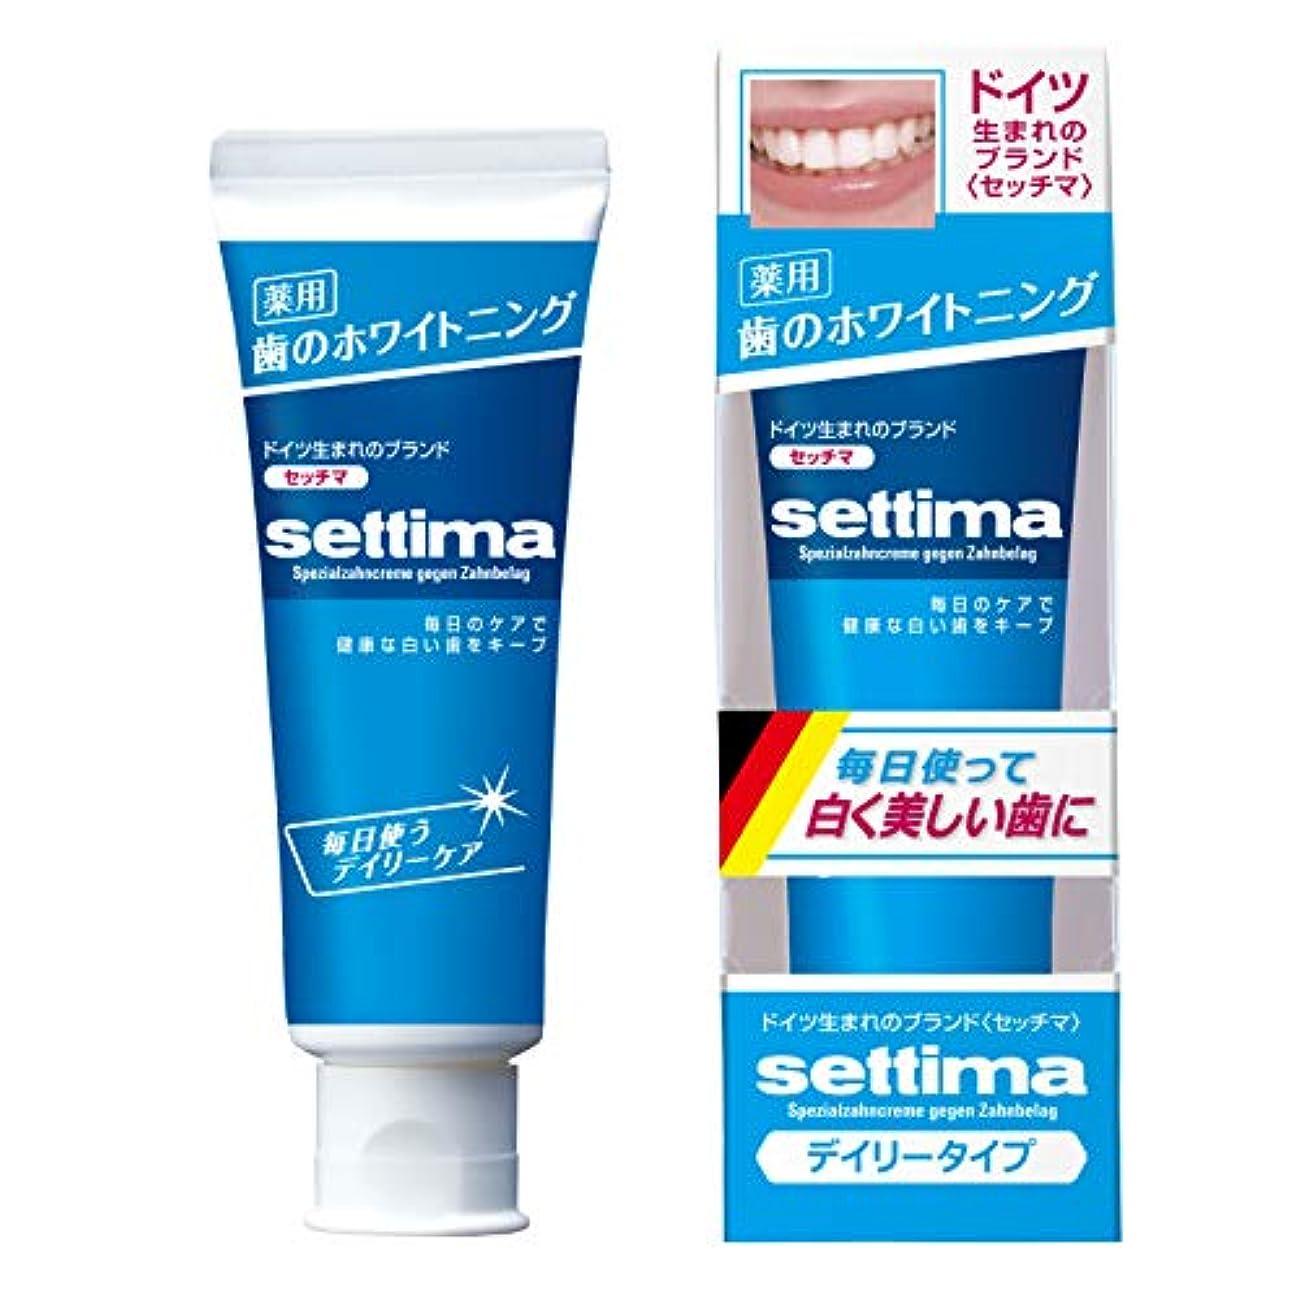 ビン認める送ったsettima(セッチマ) ホワイトニング 歯みがき デイリーケア [ファインミントタイプ]  80g